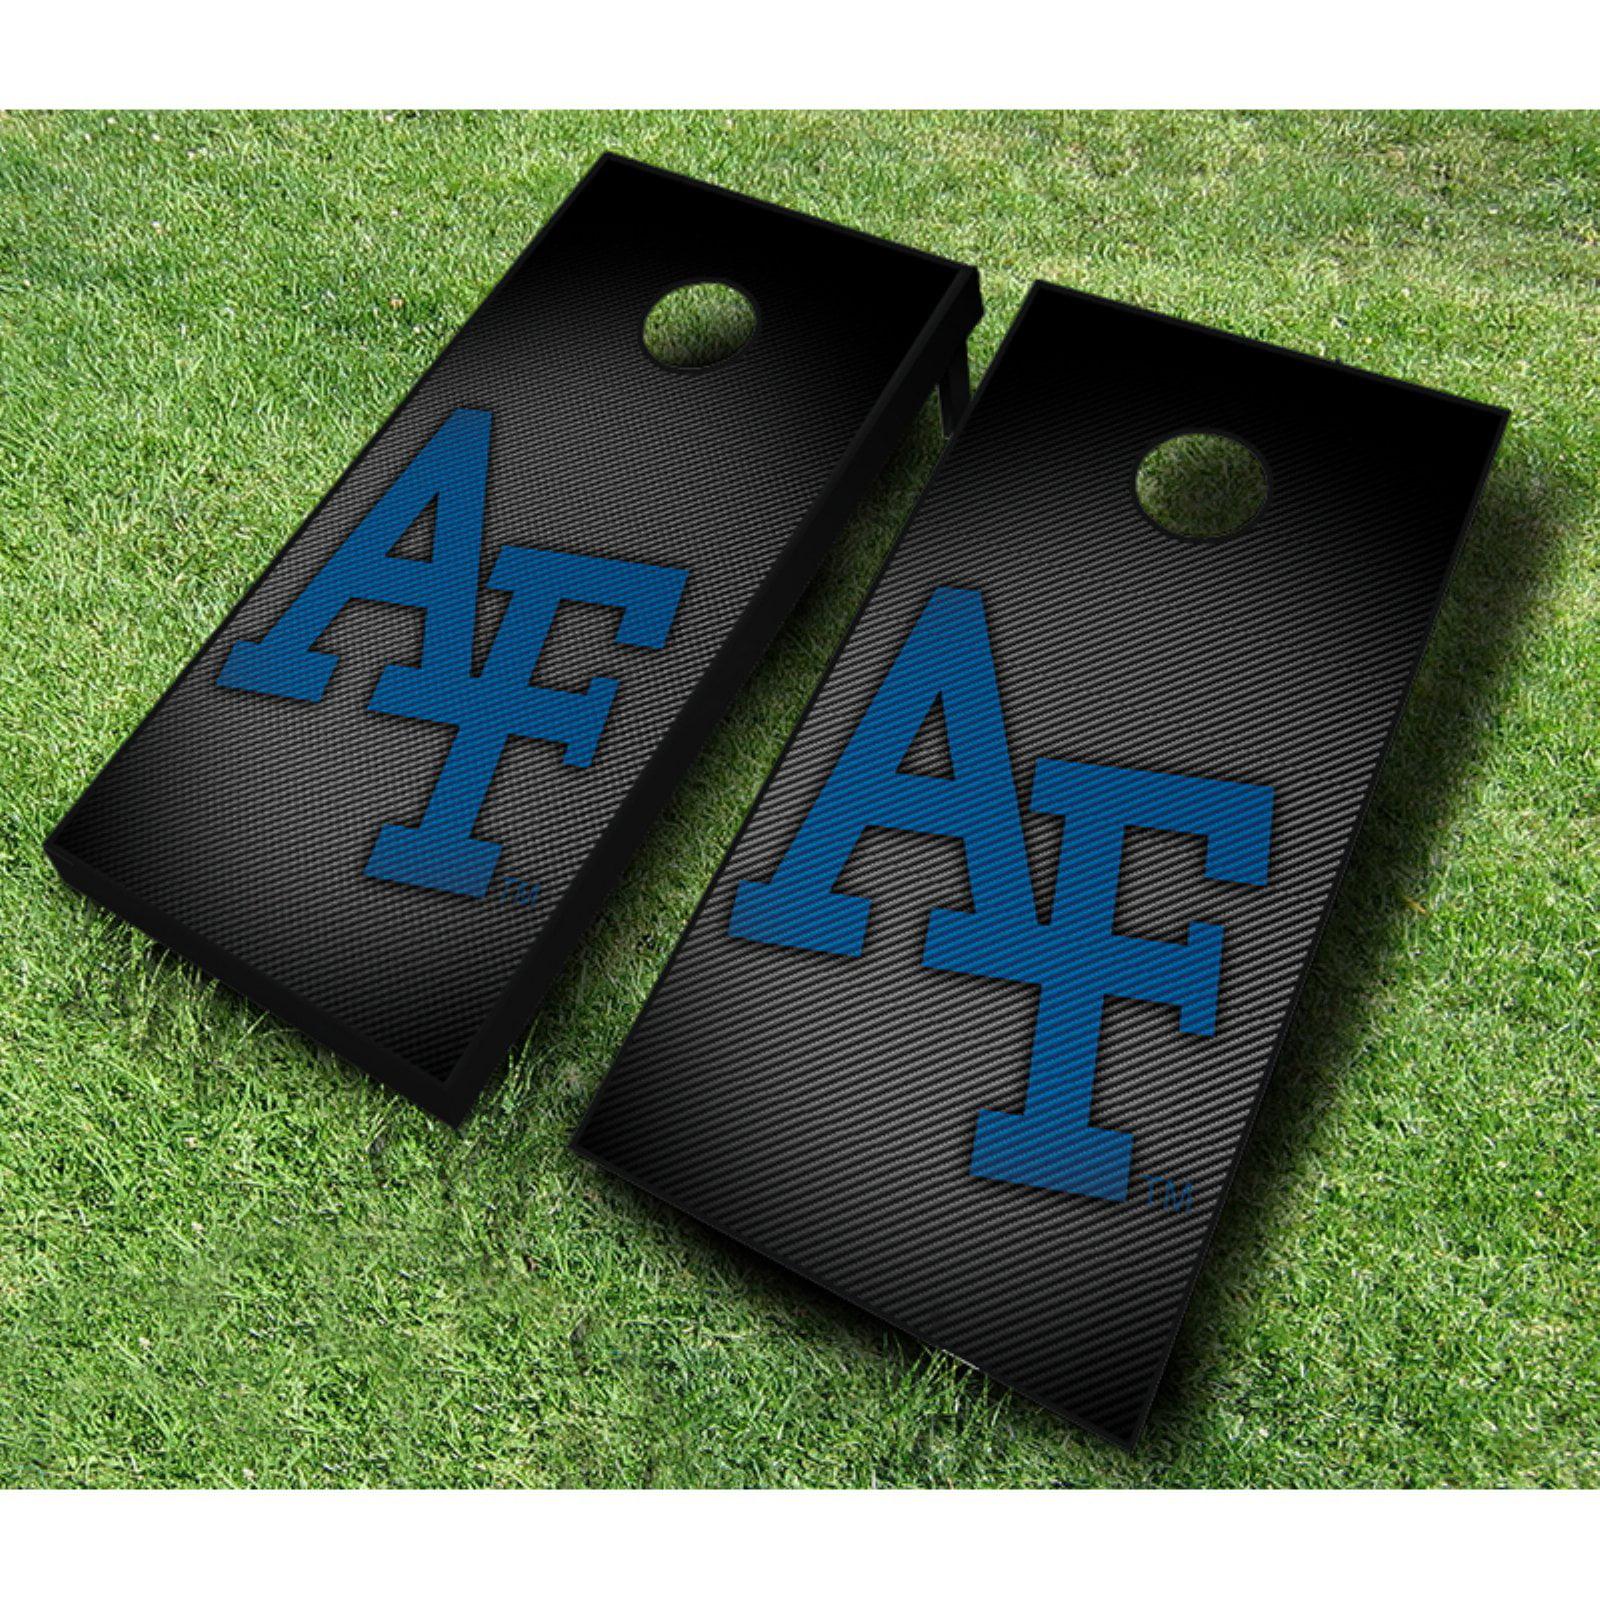 NCAA Air Force Falcons Slanted Cornhole Set by AJJ Cornhole